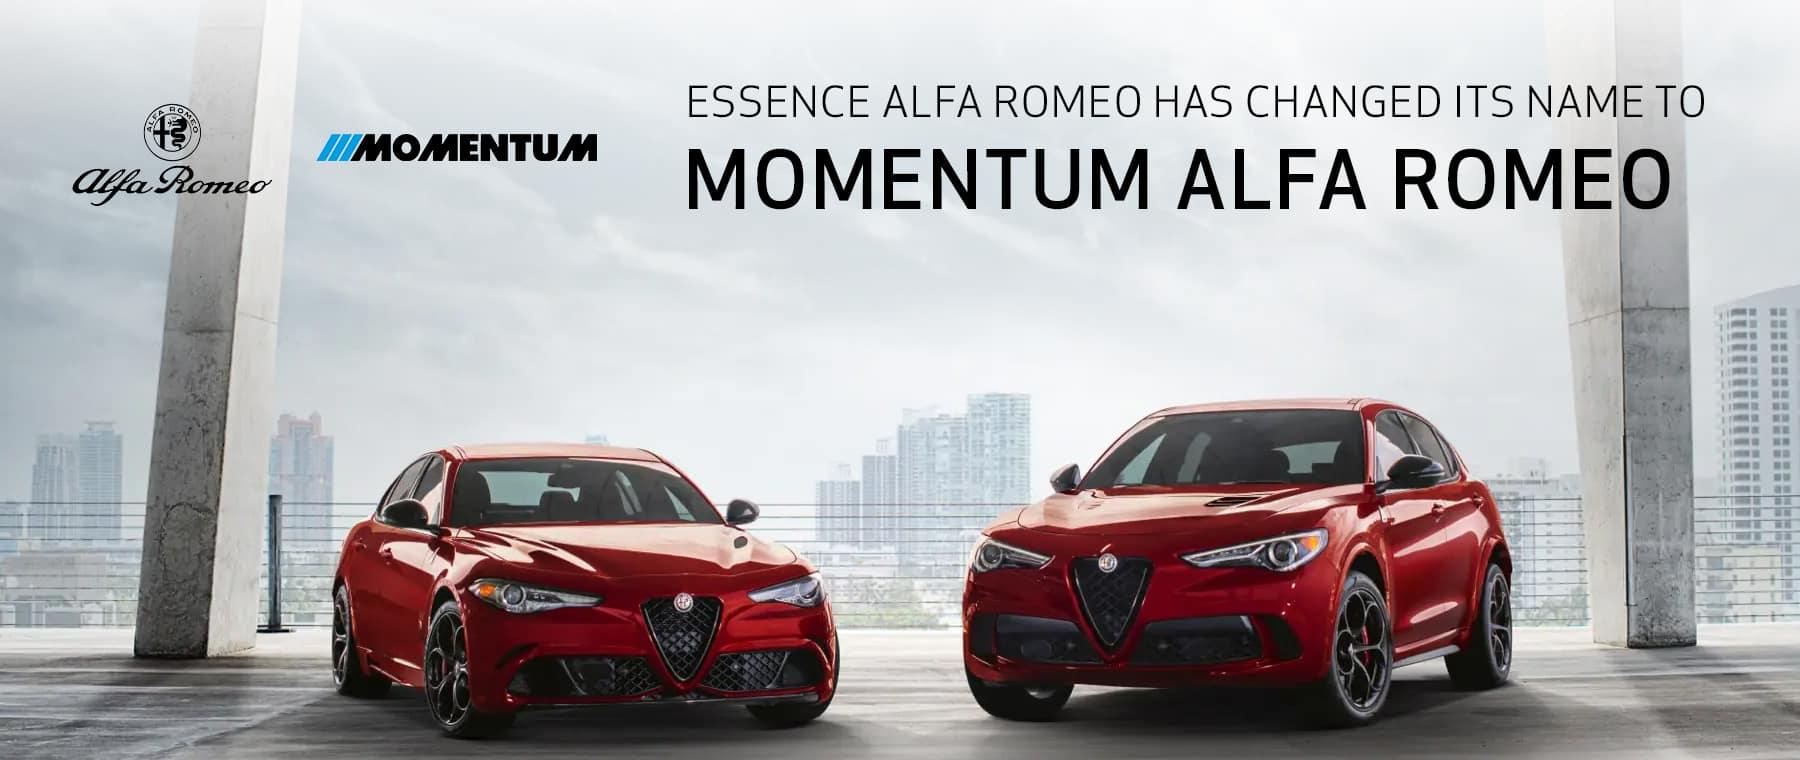 Essence Alfa Romeo has changed its name to momentum alfa romeo